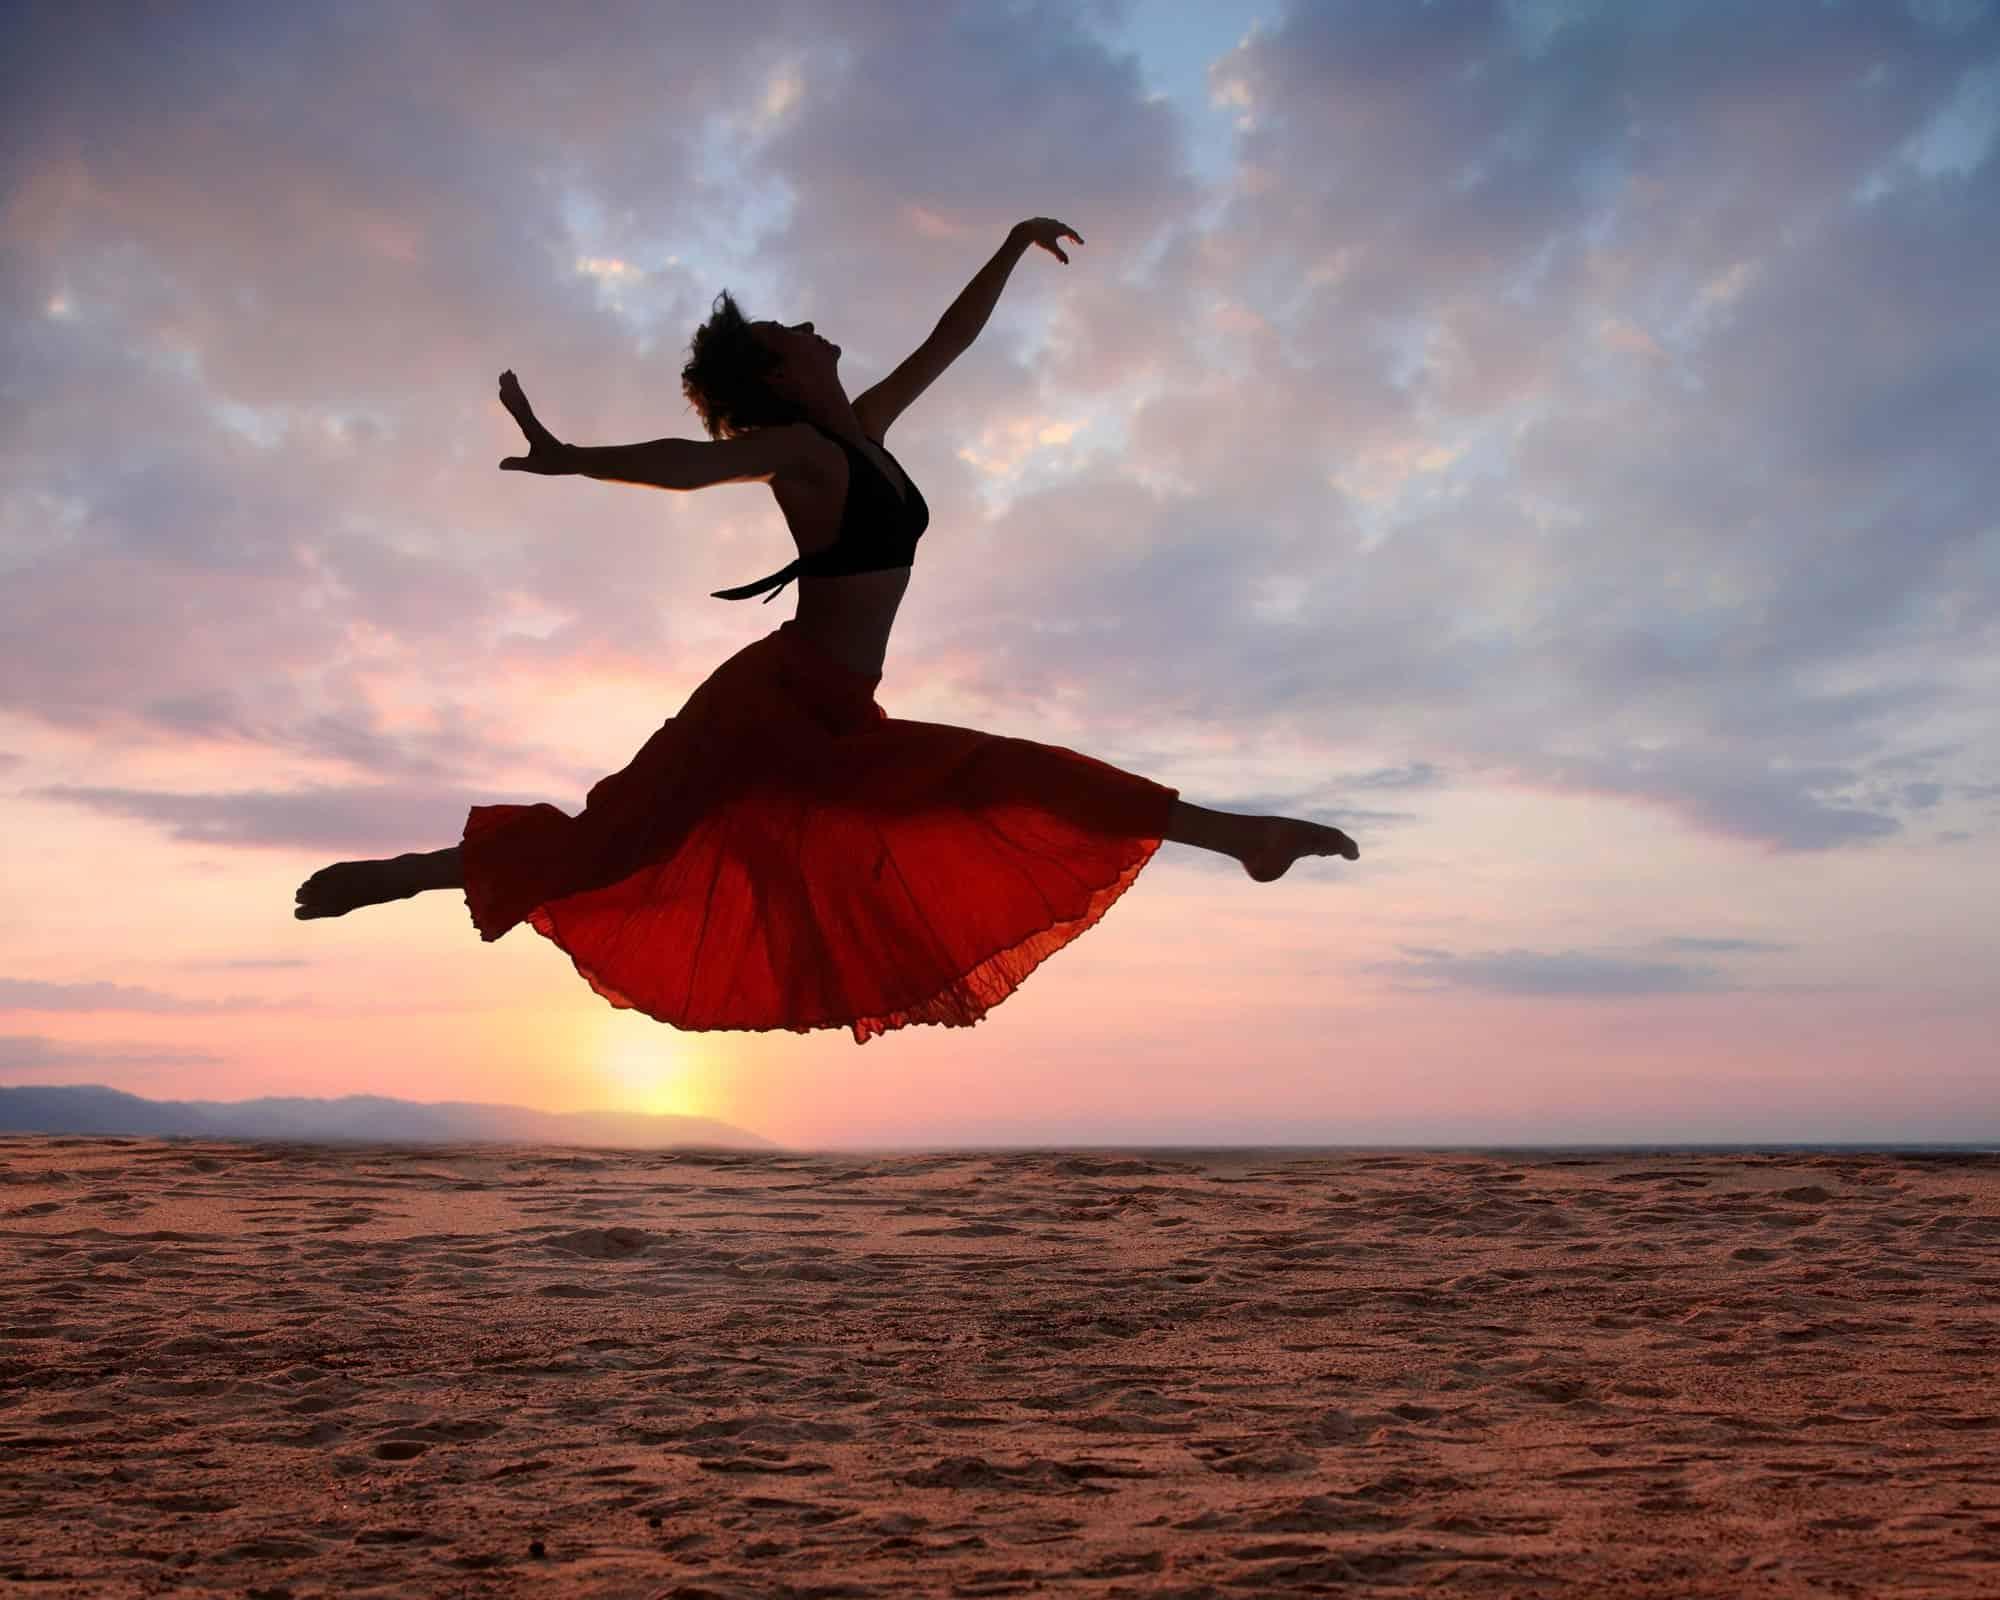 تفسير حلم الرقص في عرس لابن سيرين؟